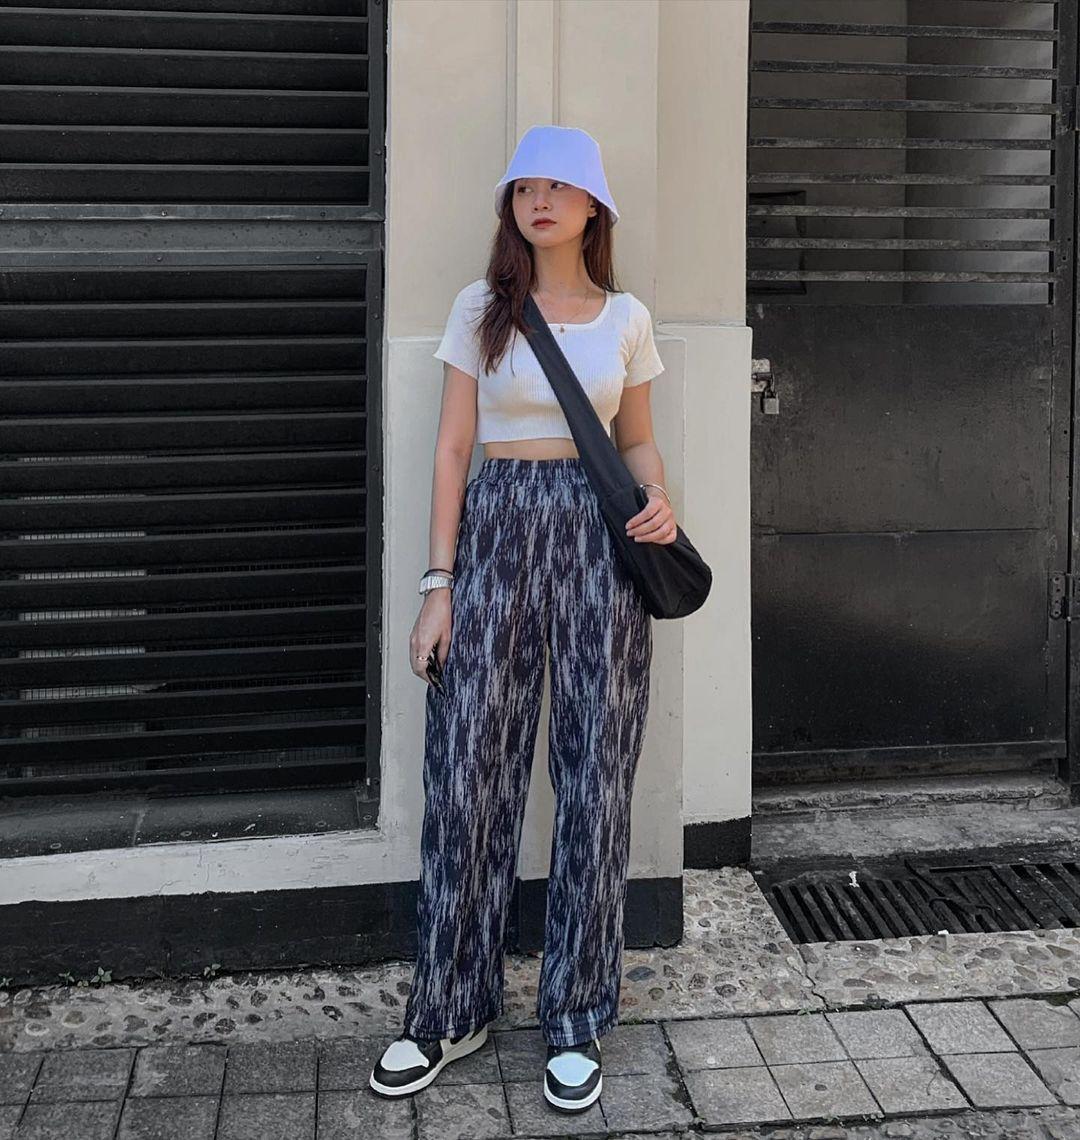 Insta look Gen Z tuần qua: Có nàng diện cả bra ra đường, màu trắng năm nay thành hot trend hay sao? - ảnh 1